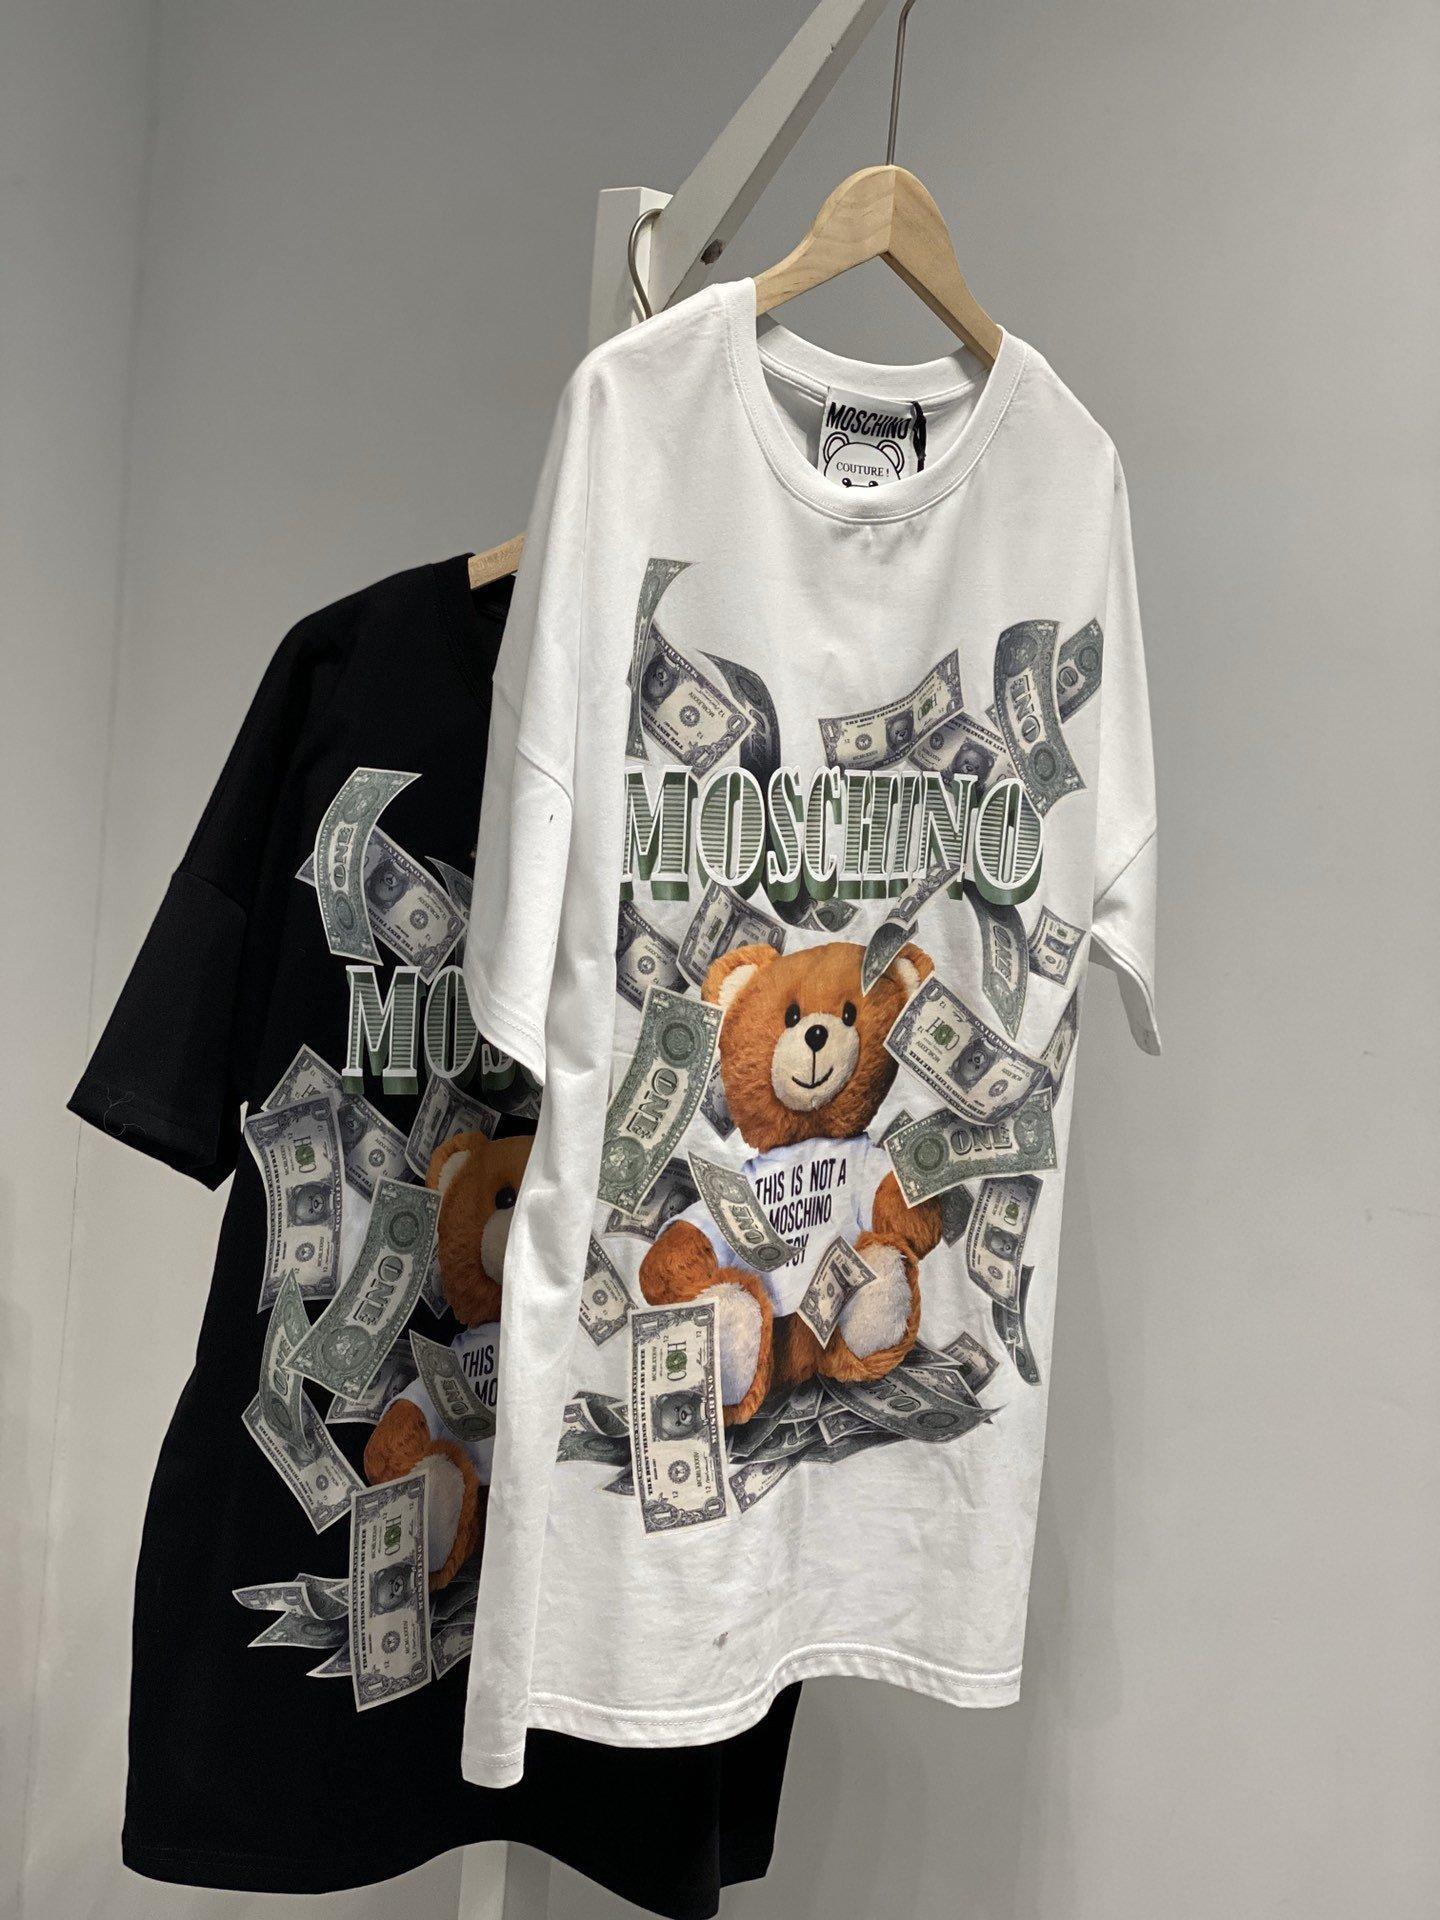 2020 Designertshirts Nova Primavera Homens Mulheres T-shirt New Arrival Moda de Alta Qualidade Free Ship Luxury Homens T-shirt Casual Asain Tamanho B105868D